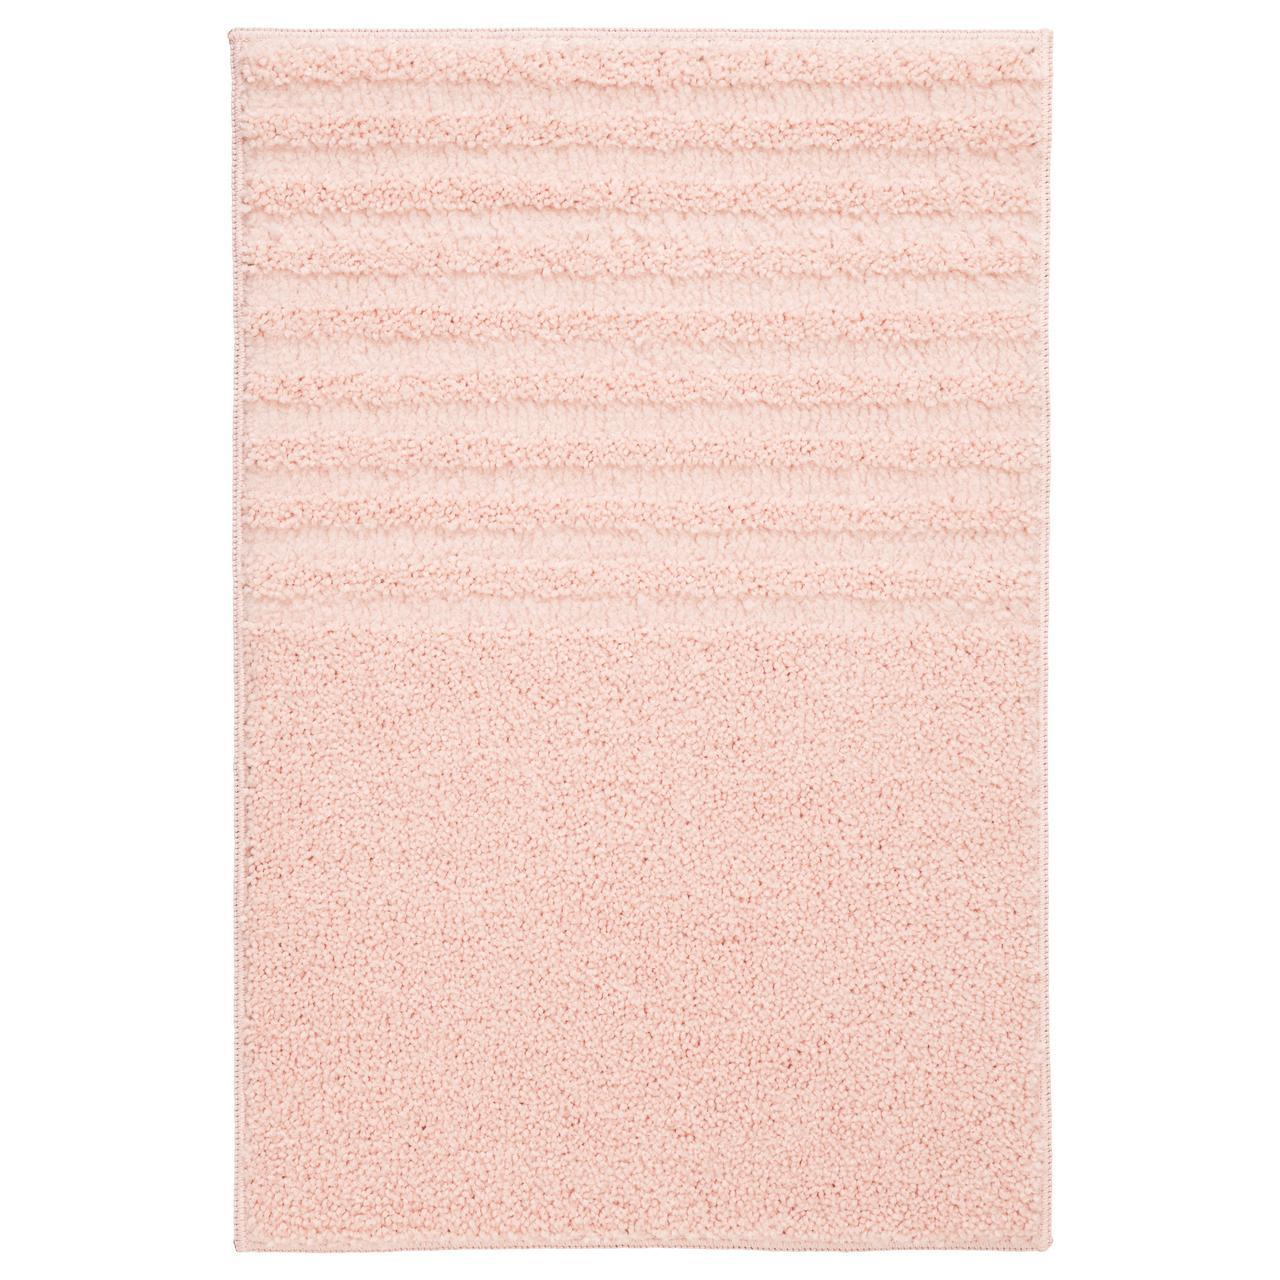 ВОКСШЁН Коврик для ванной, бледно-розовый